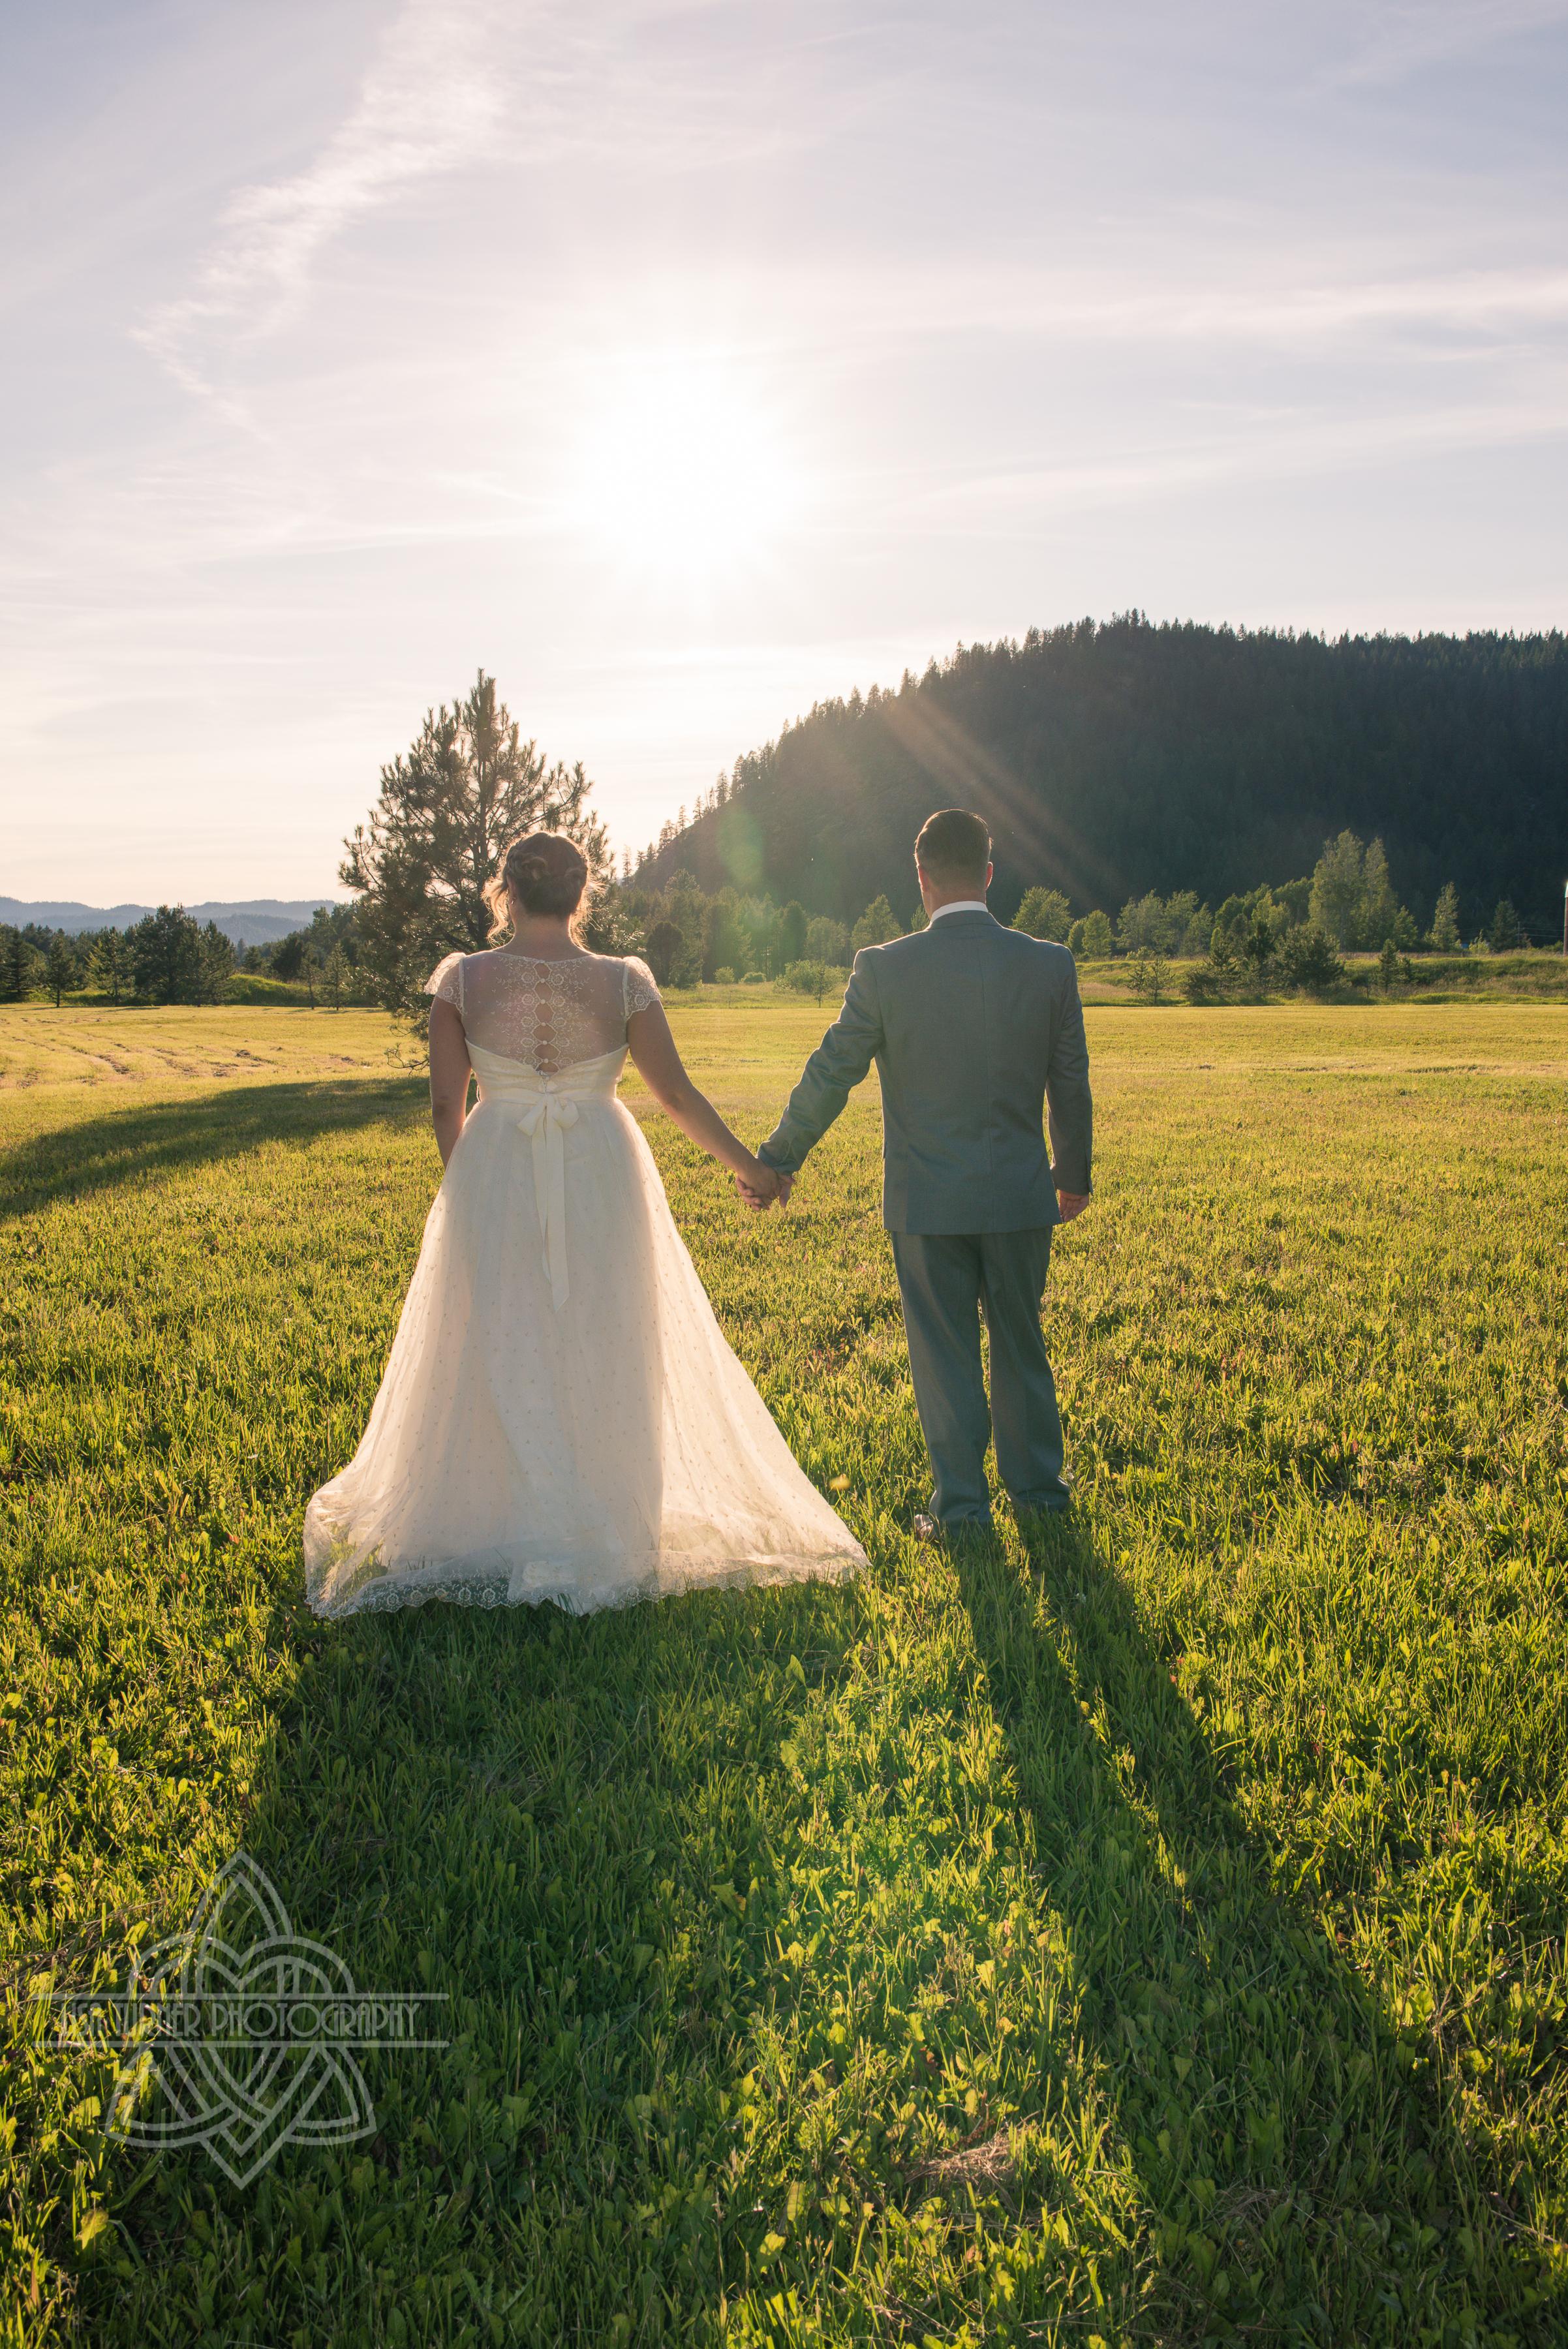 Shubin Wedding 2 (1 of 1).jpg